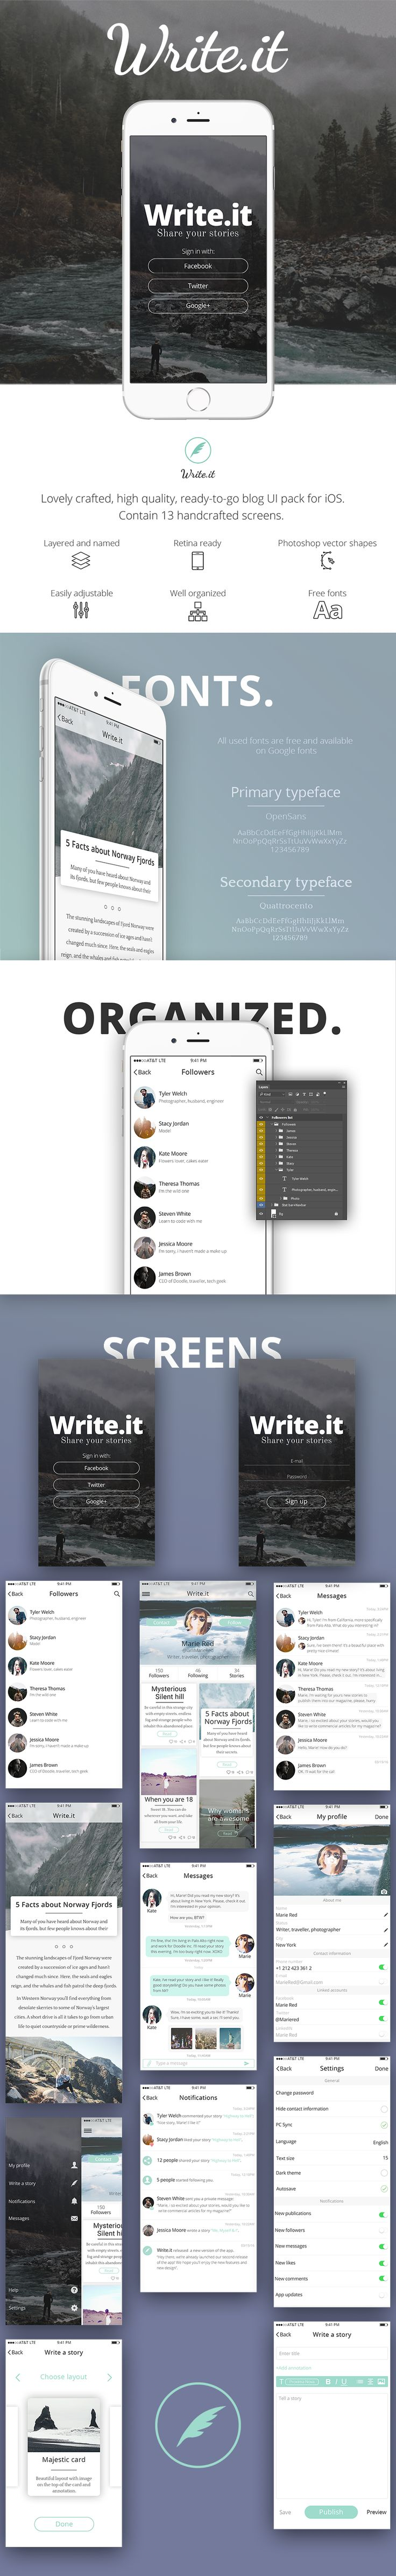 Write.it – free blog app Ui kit